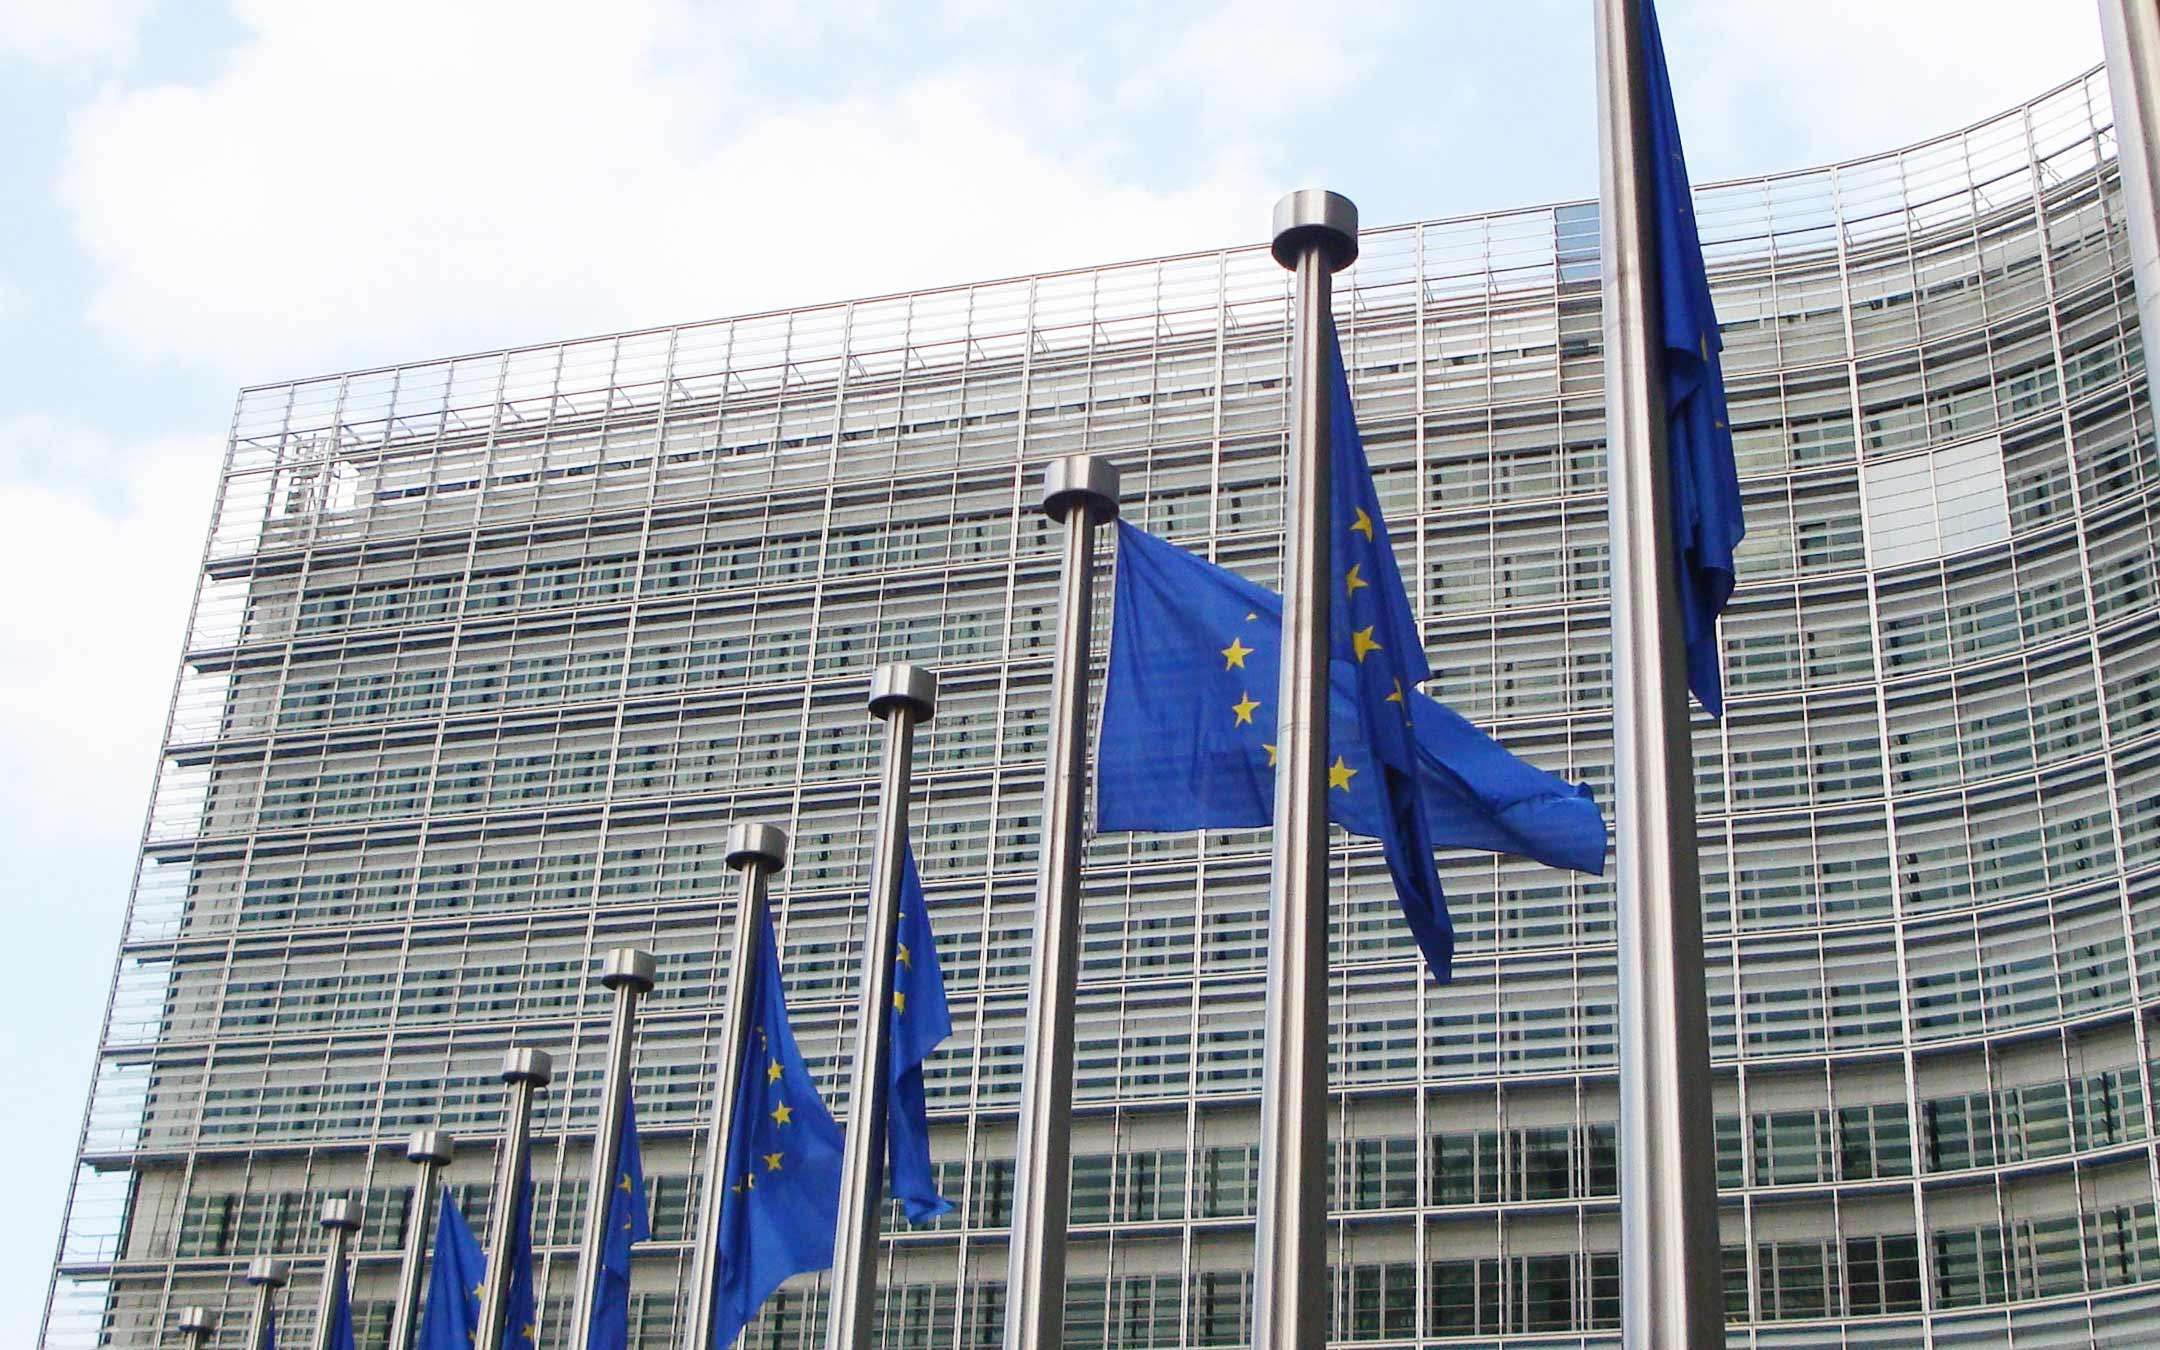 FB-Twitter: termini di servizio, ultimatum dall'EU